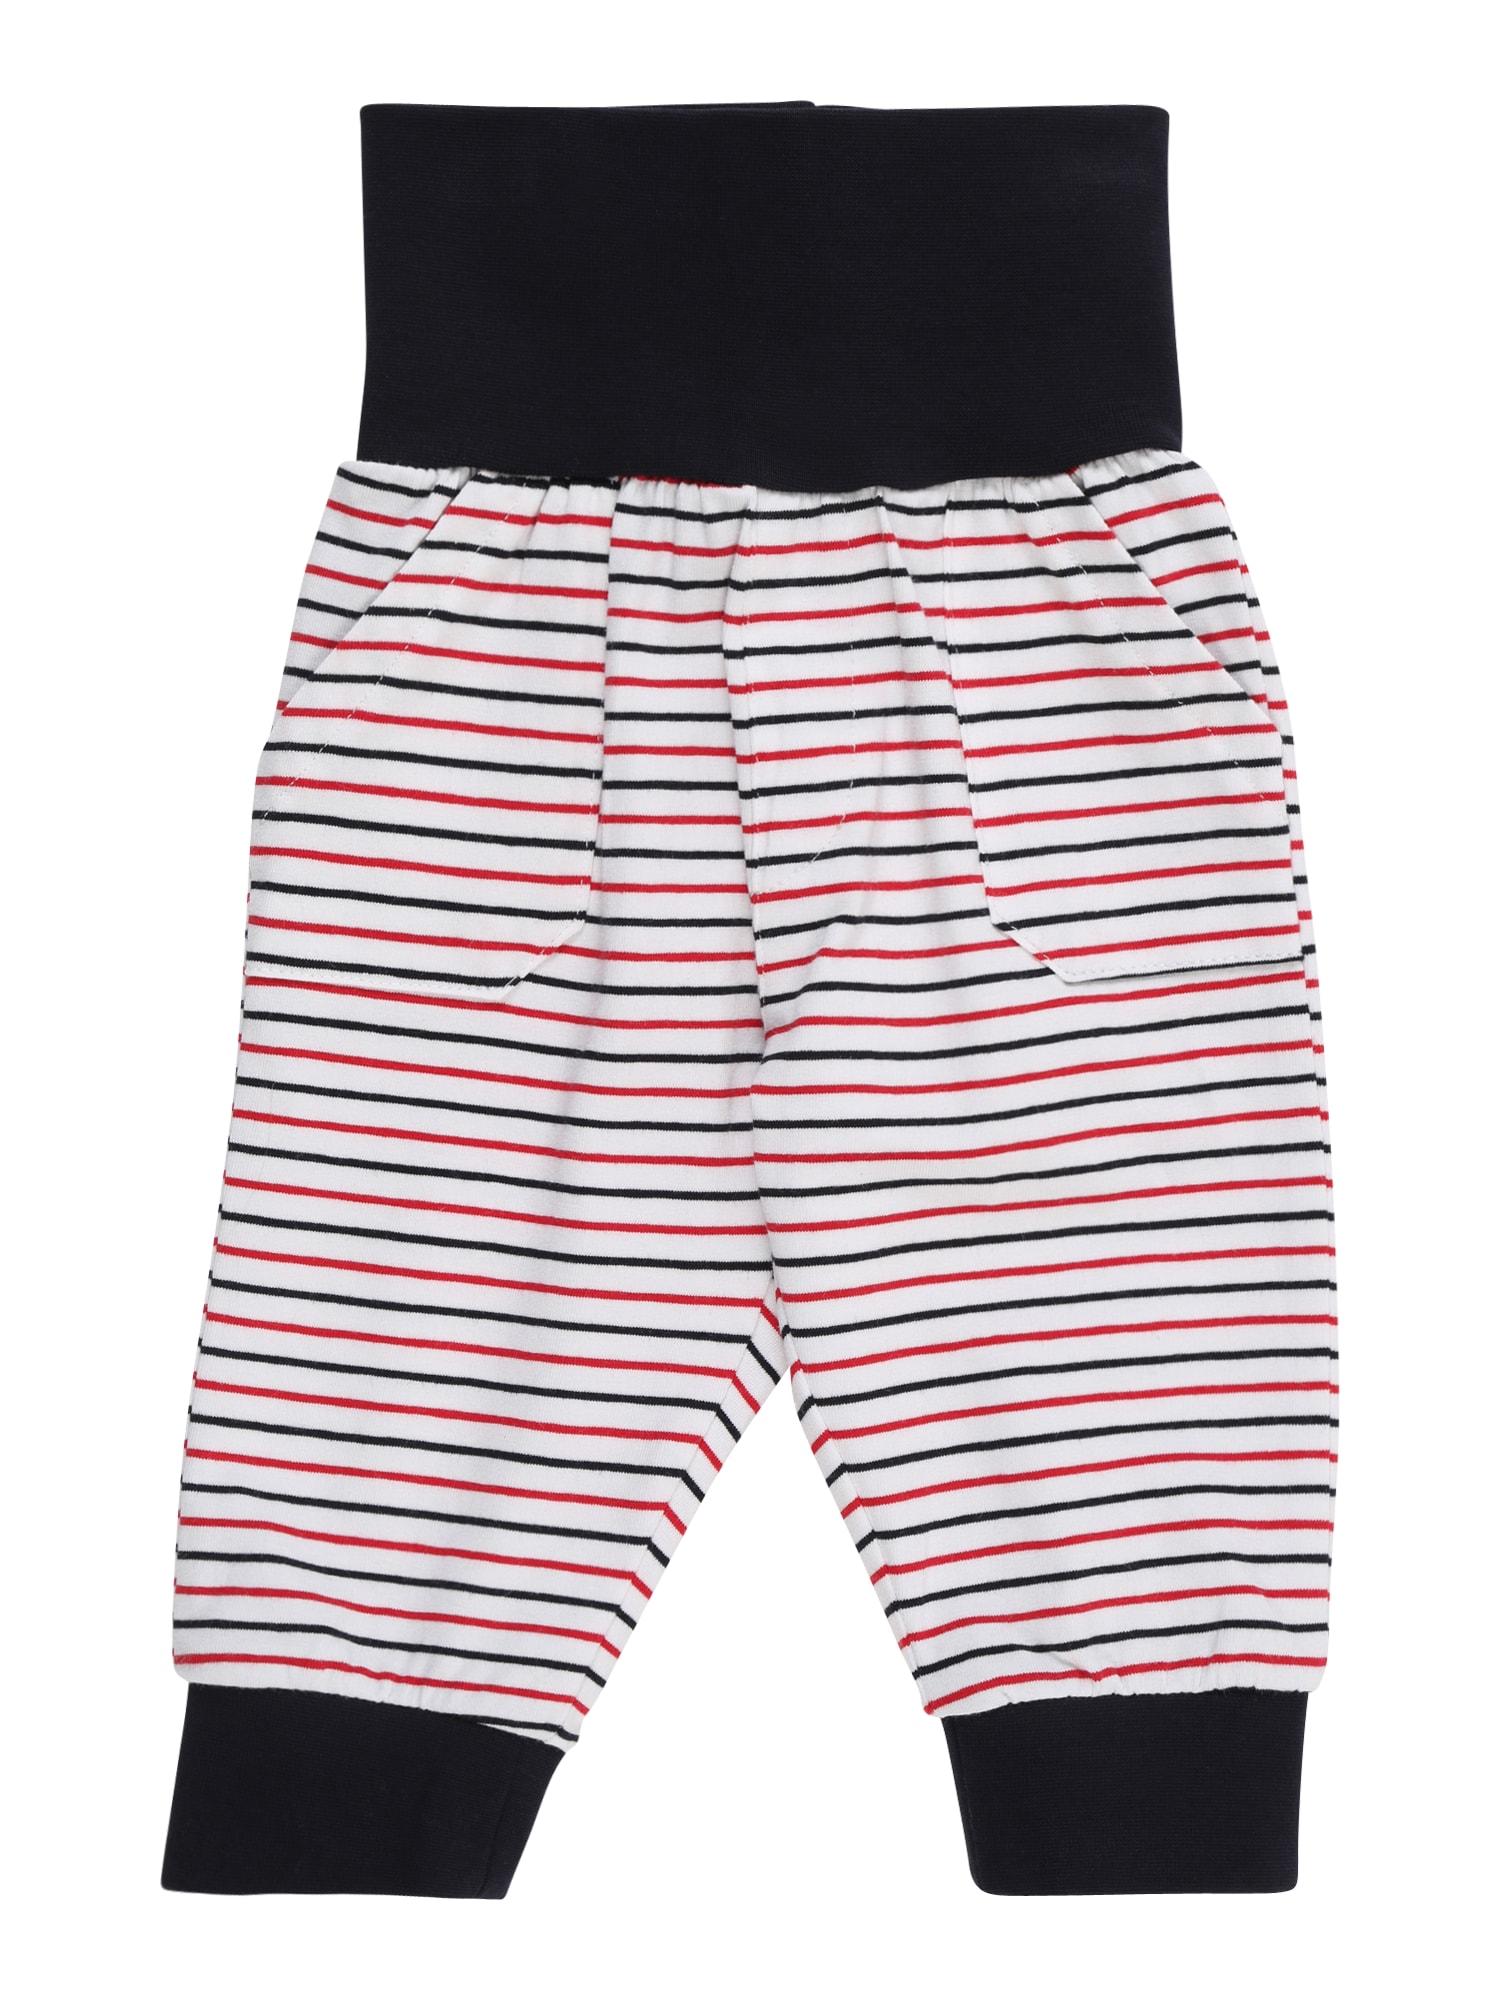 Kalhoty modrá červená bílá Steiff Collection